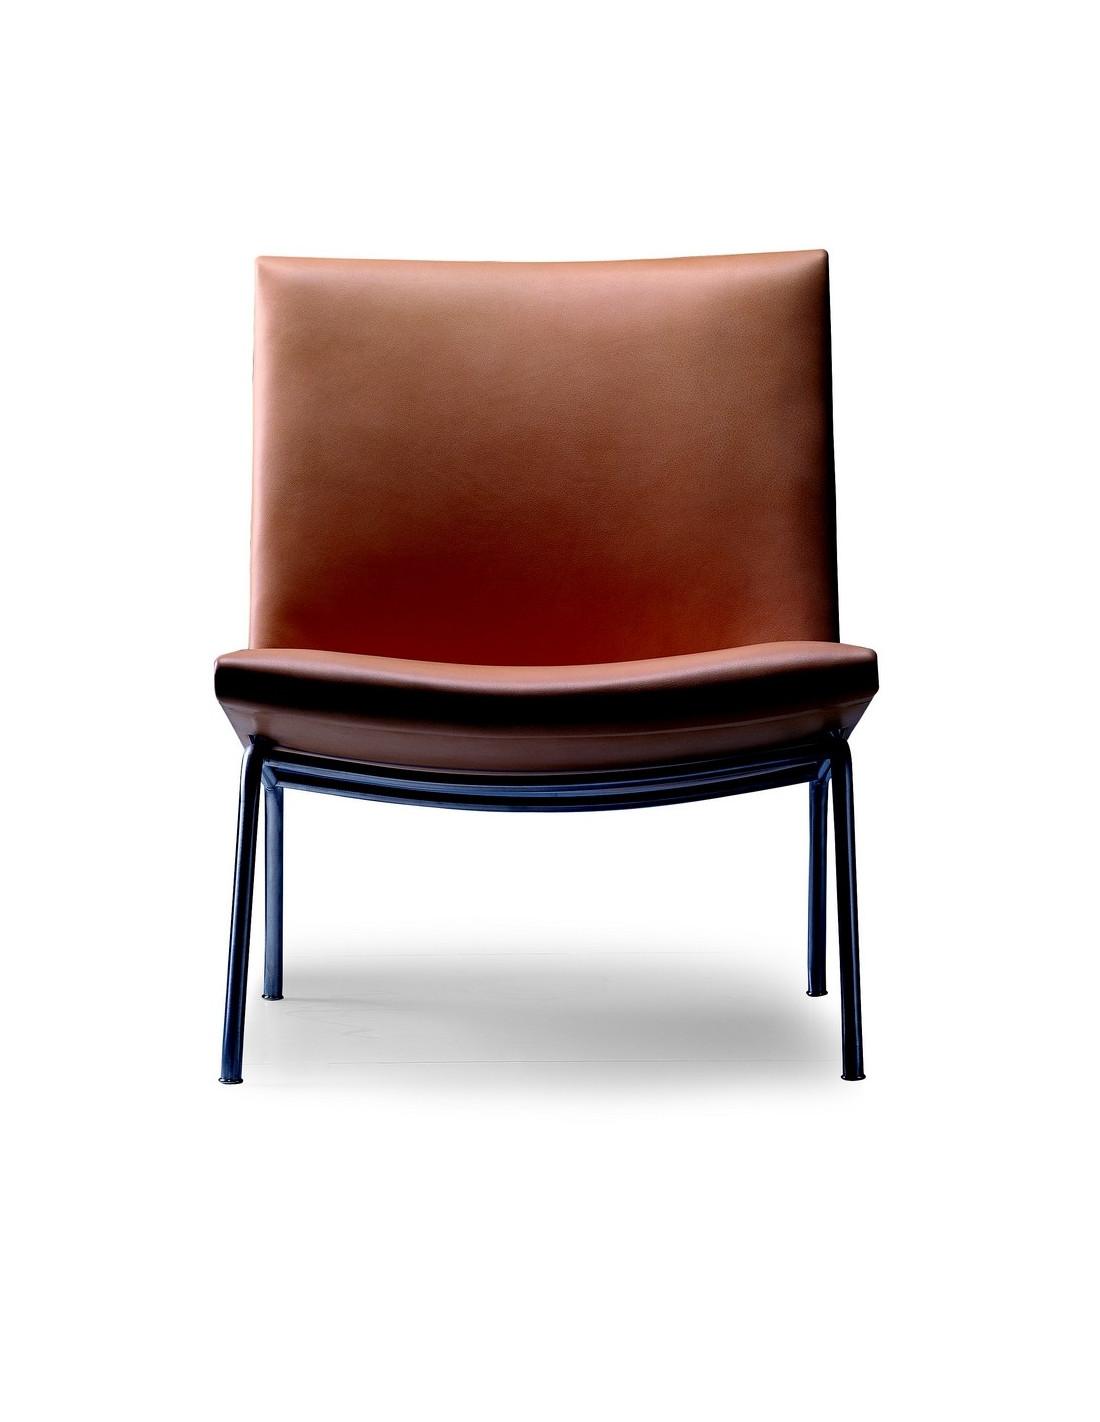 chaise ch401 de hans wegner pour carl hansen design. Black Bedroom Furniture Sets. Home Design Ideas